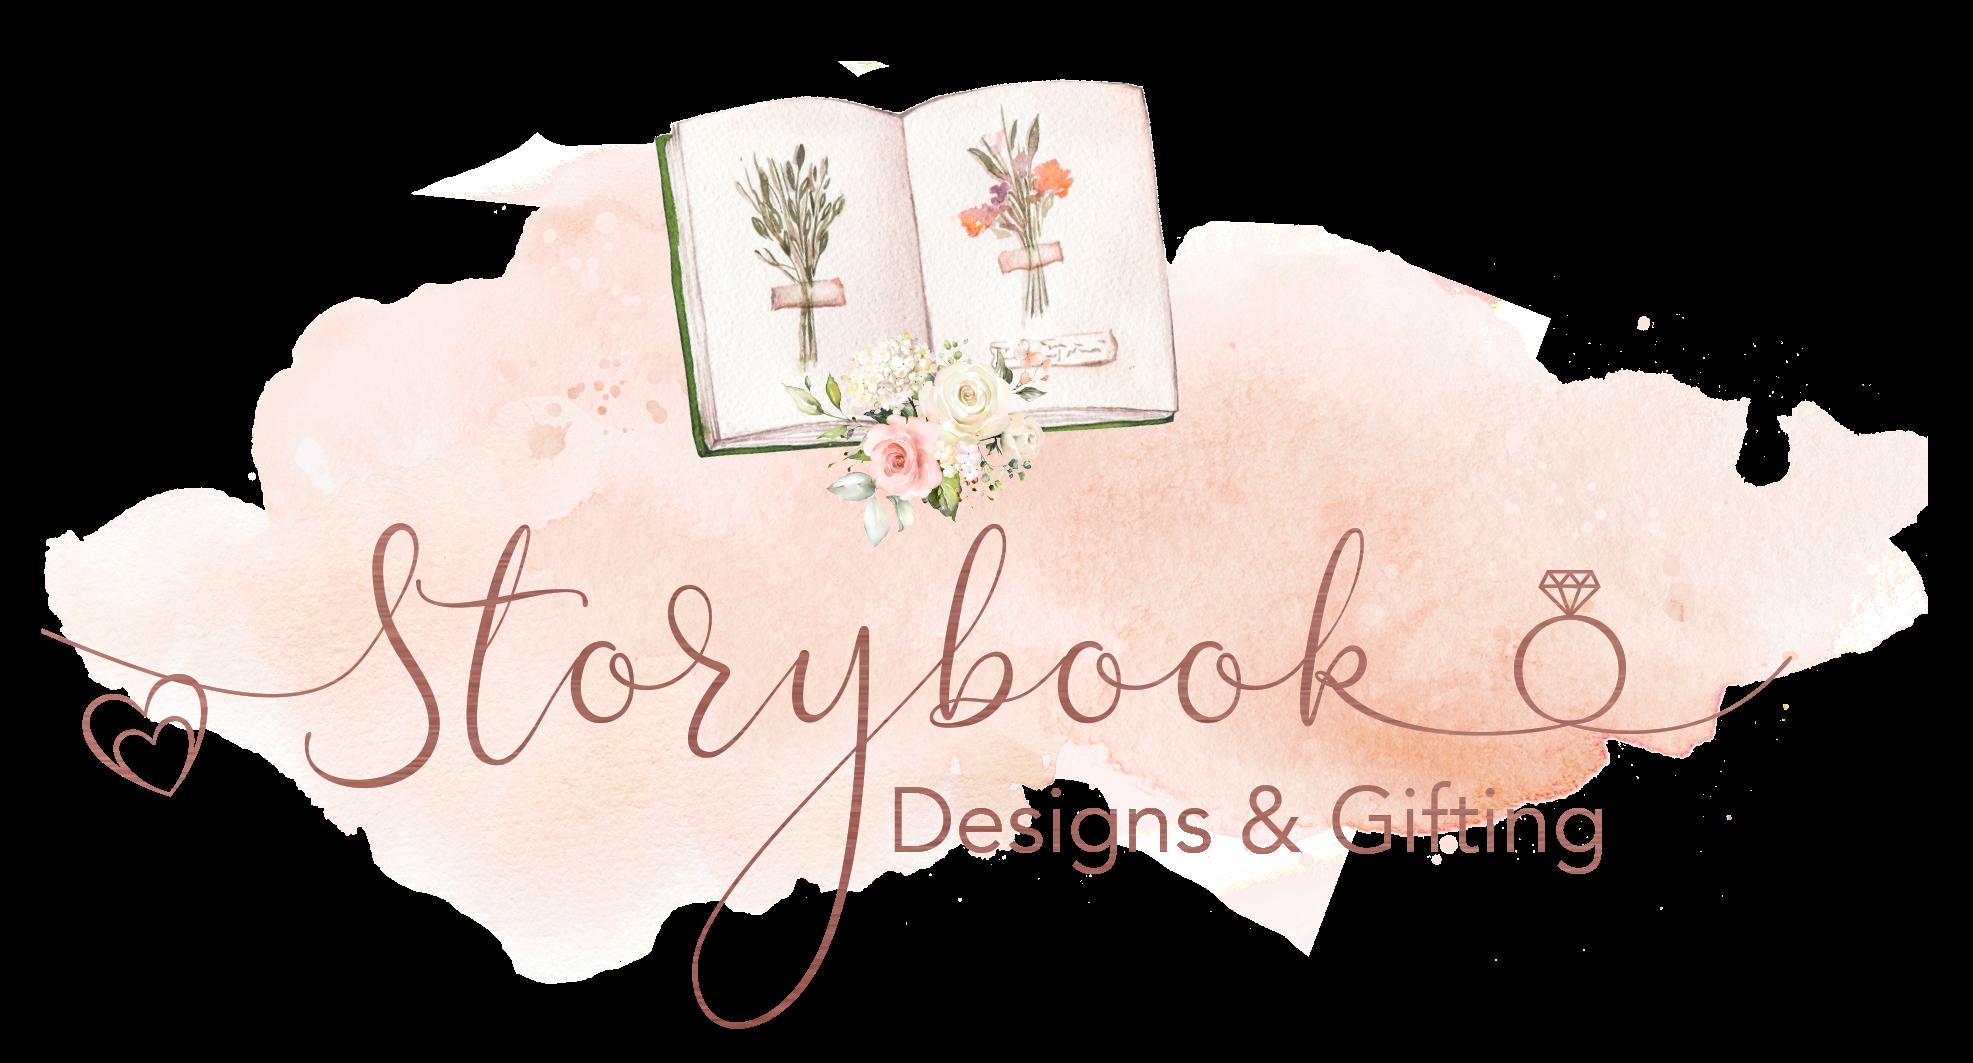 Storybook Designs